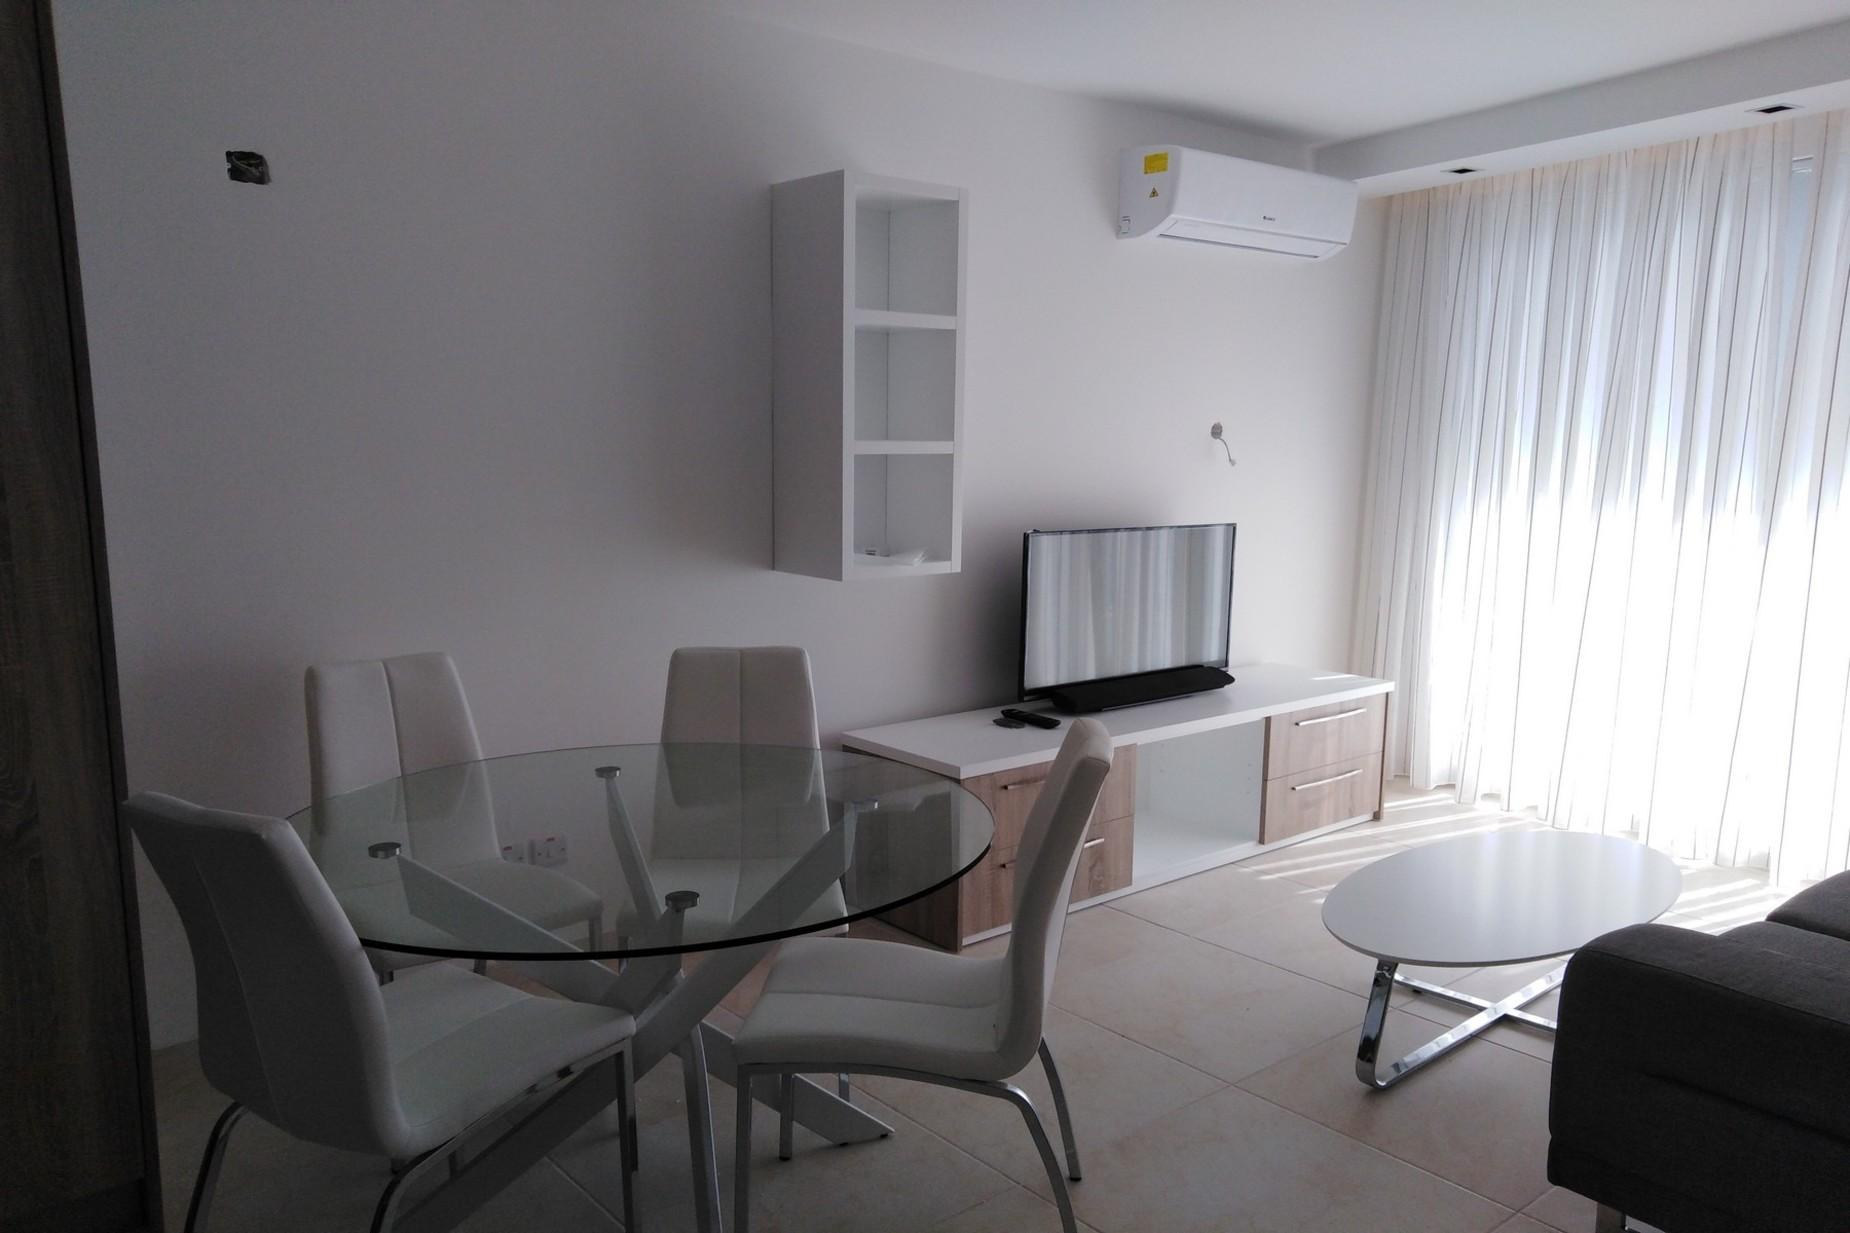 2 bed Apartment For Rent in Santa Venera, Santa Venera - thumb 2